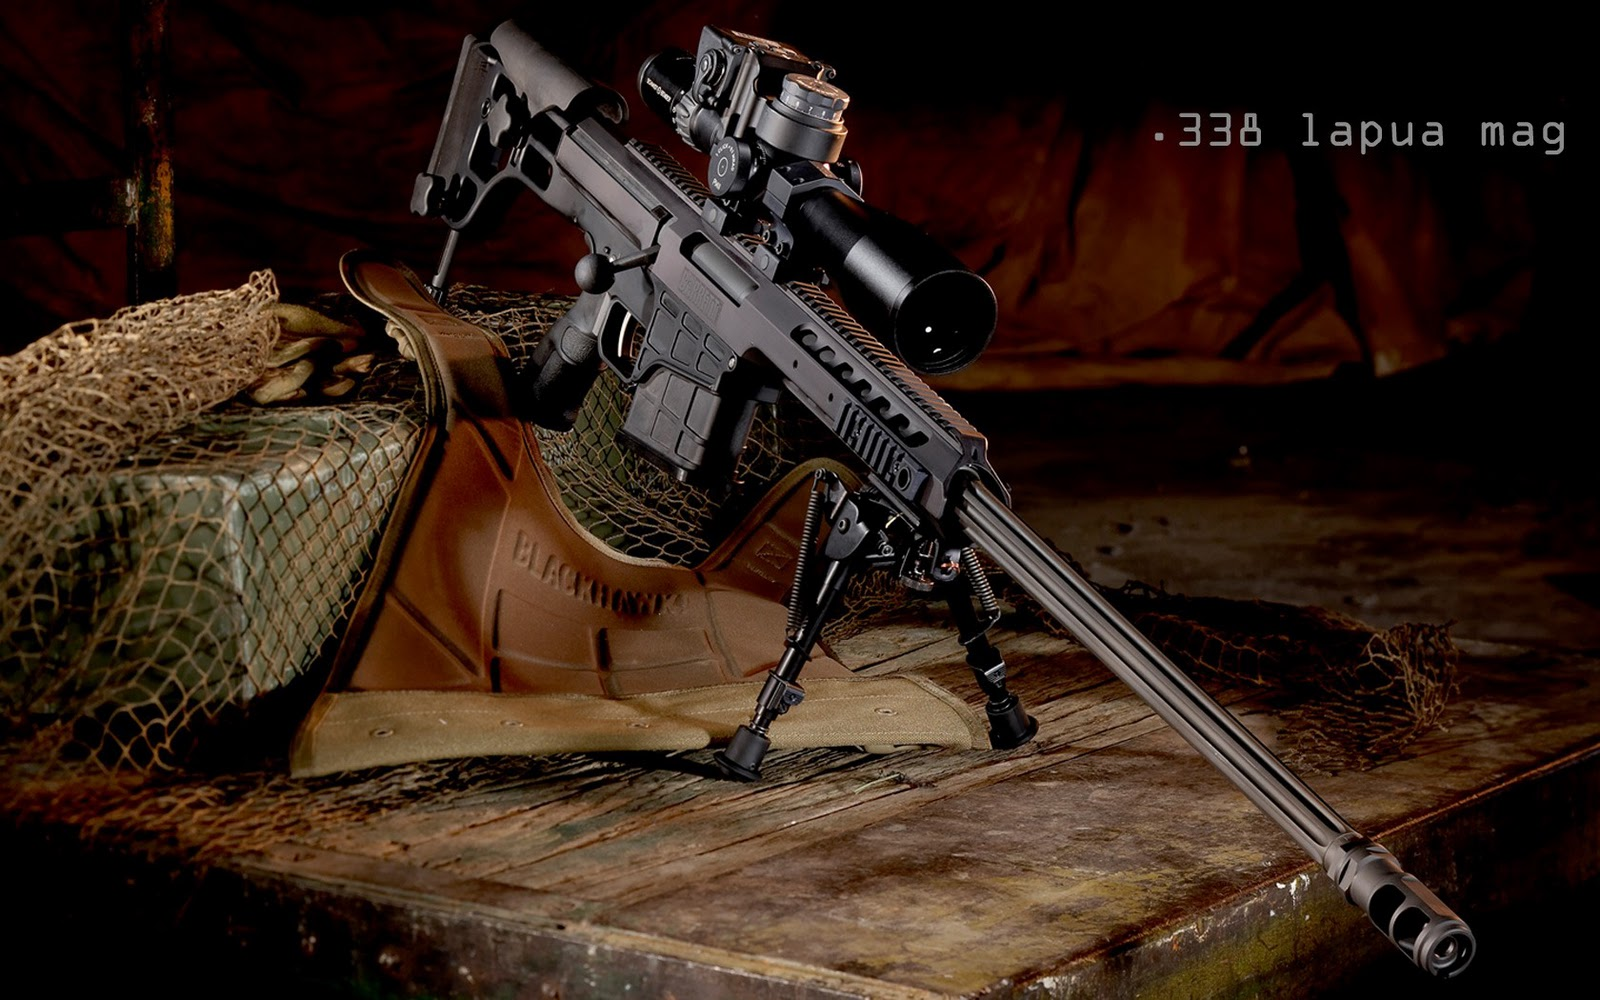 Barett 98B Lapua HD Sniper Wallpapers Download Wallpapers in HD 1600x1000